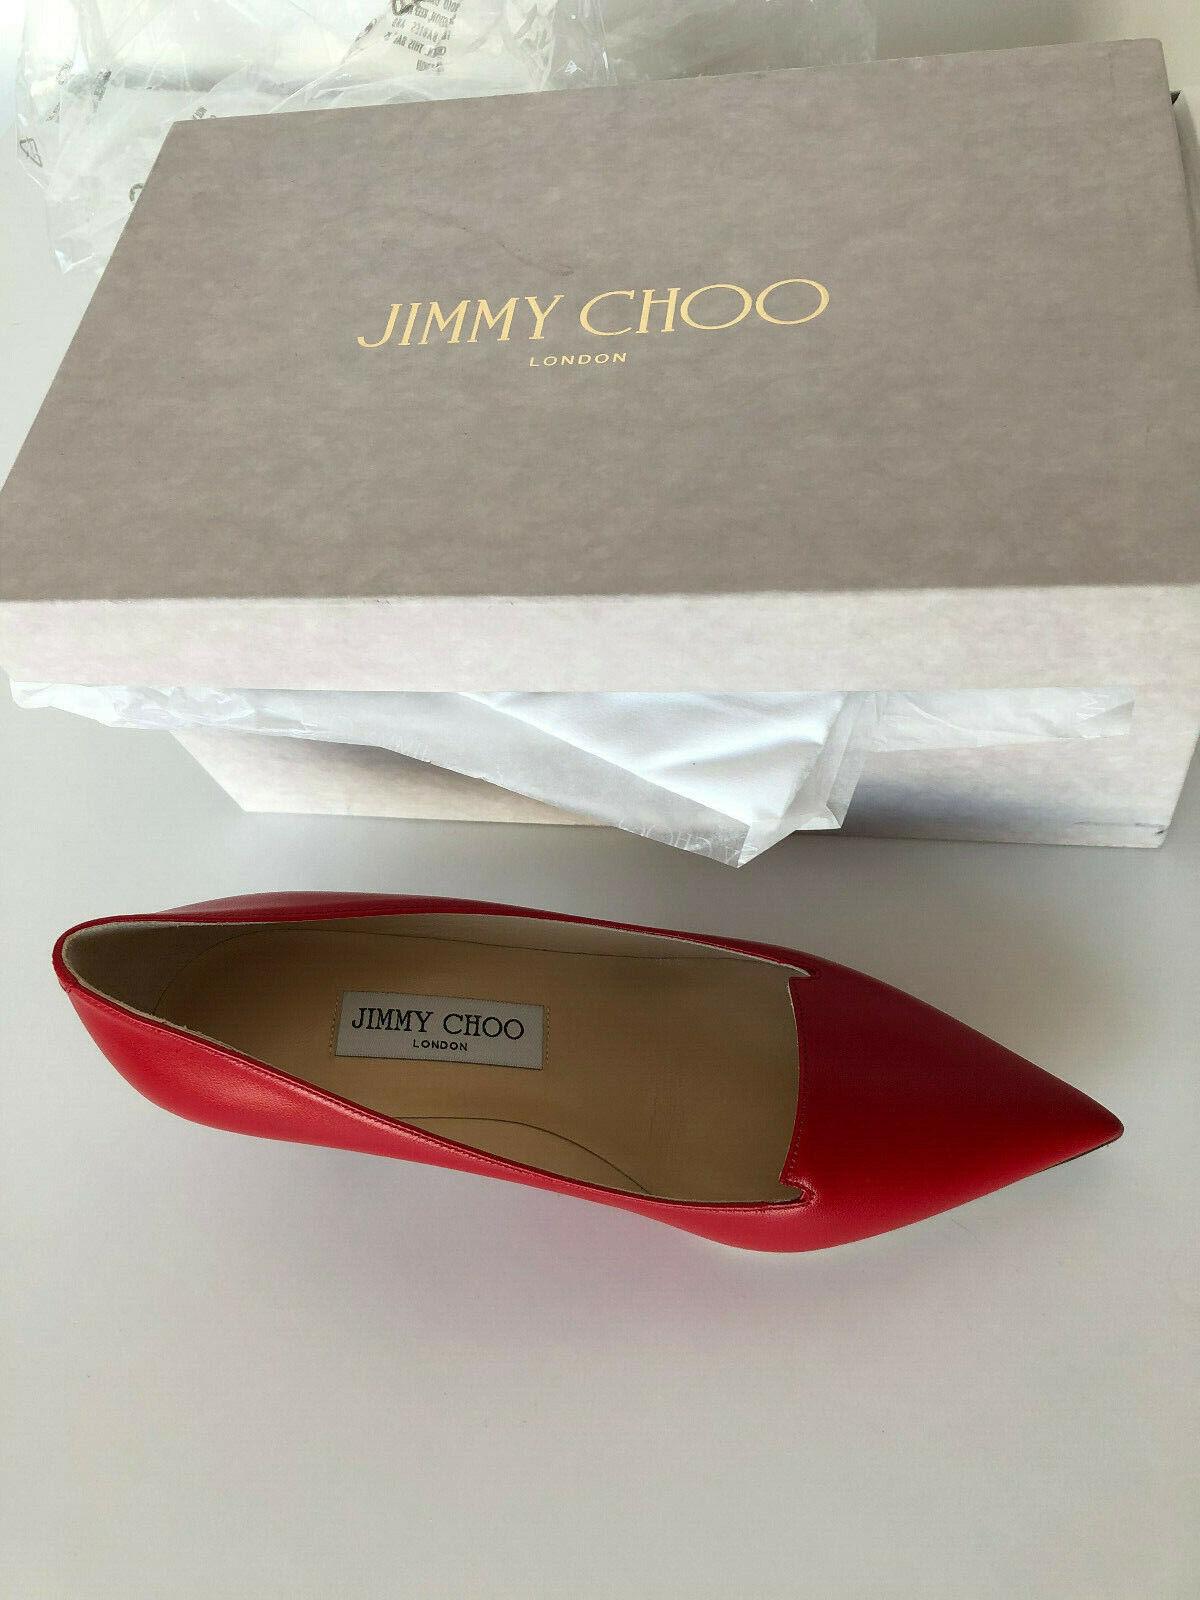 Jimmy Choo Original pumps heels rot rot 36 1 2 2 2 36,5 Leather Leder New Neu b869fe